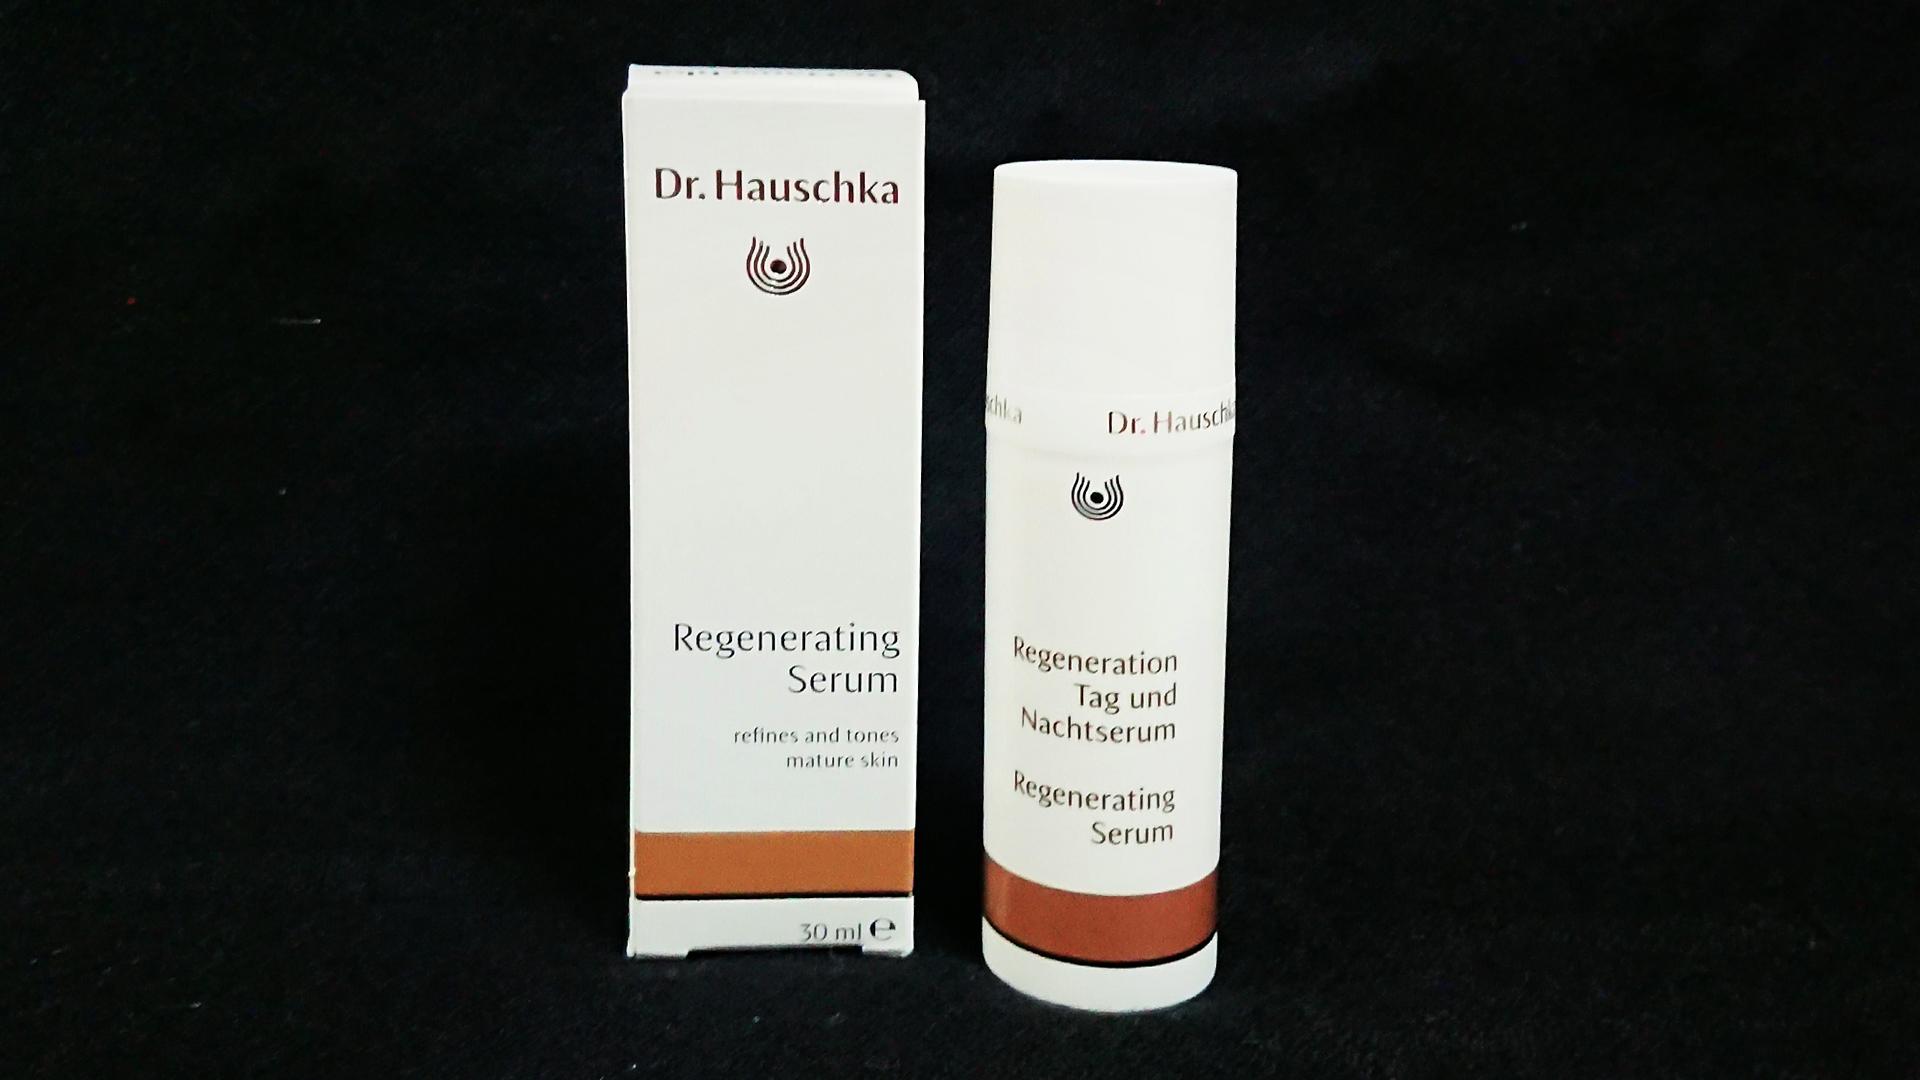 Dr.ハウシュカ/レジェンセラム/盤石を期す美容液